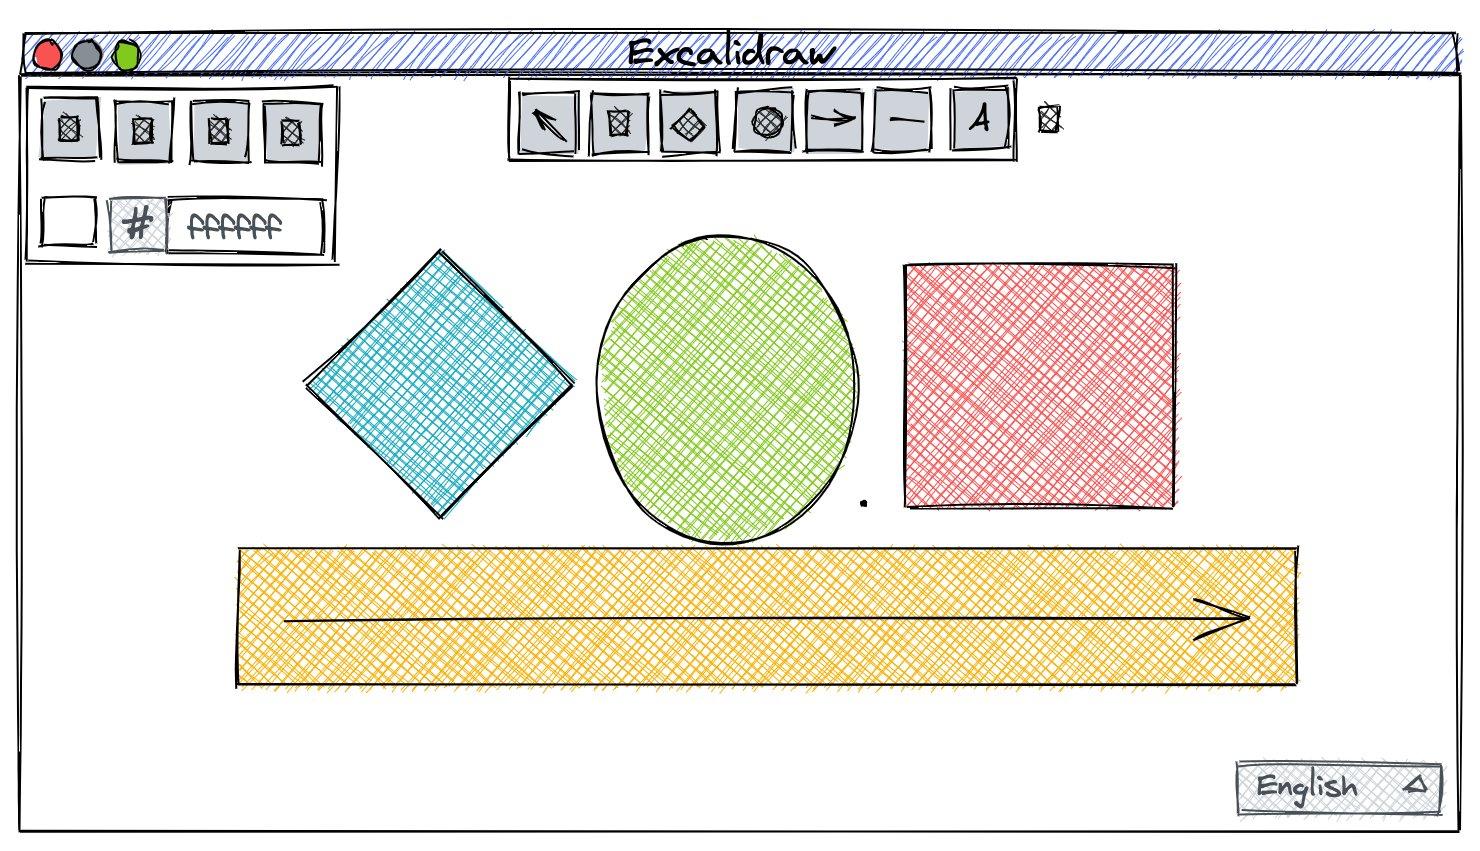 Excalidraw Desktop